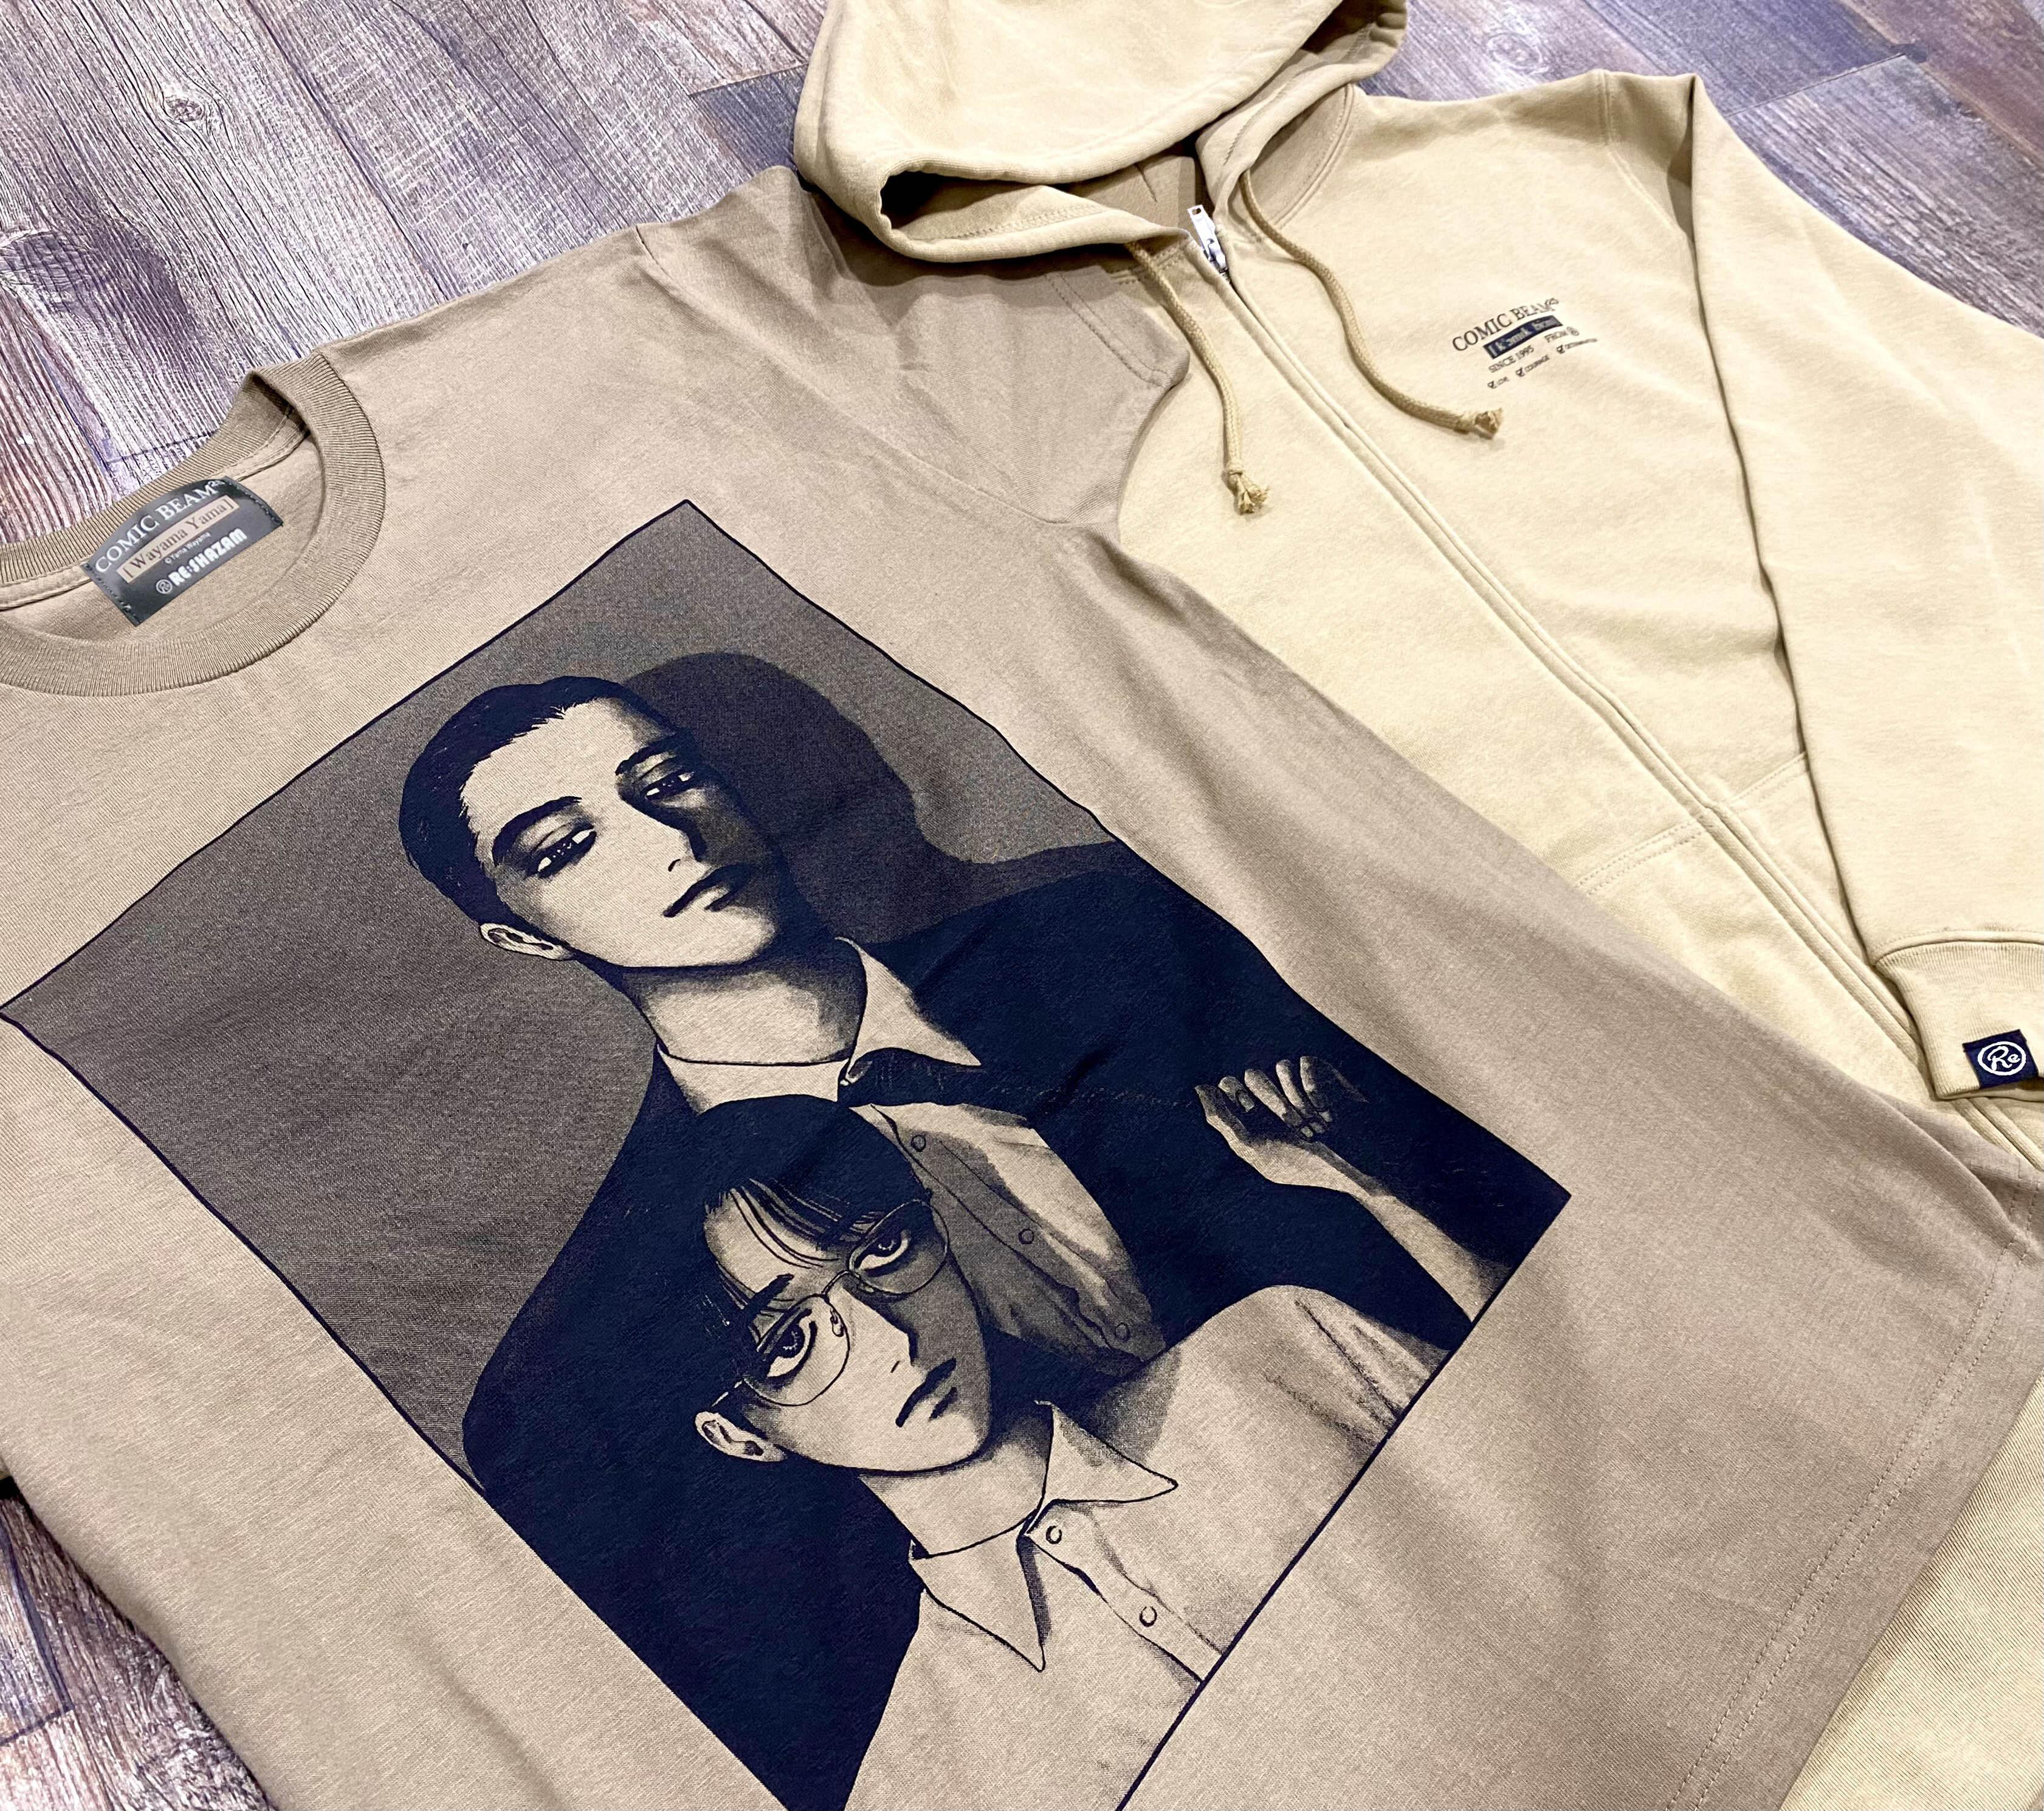 【ビーム25周年描き下ろし企画】和山やま「狂児と聡実くん」Tシャツ